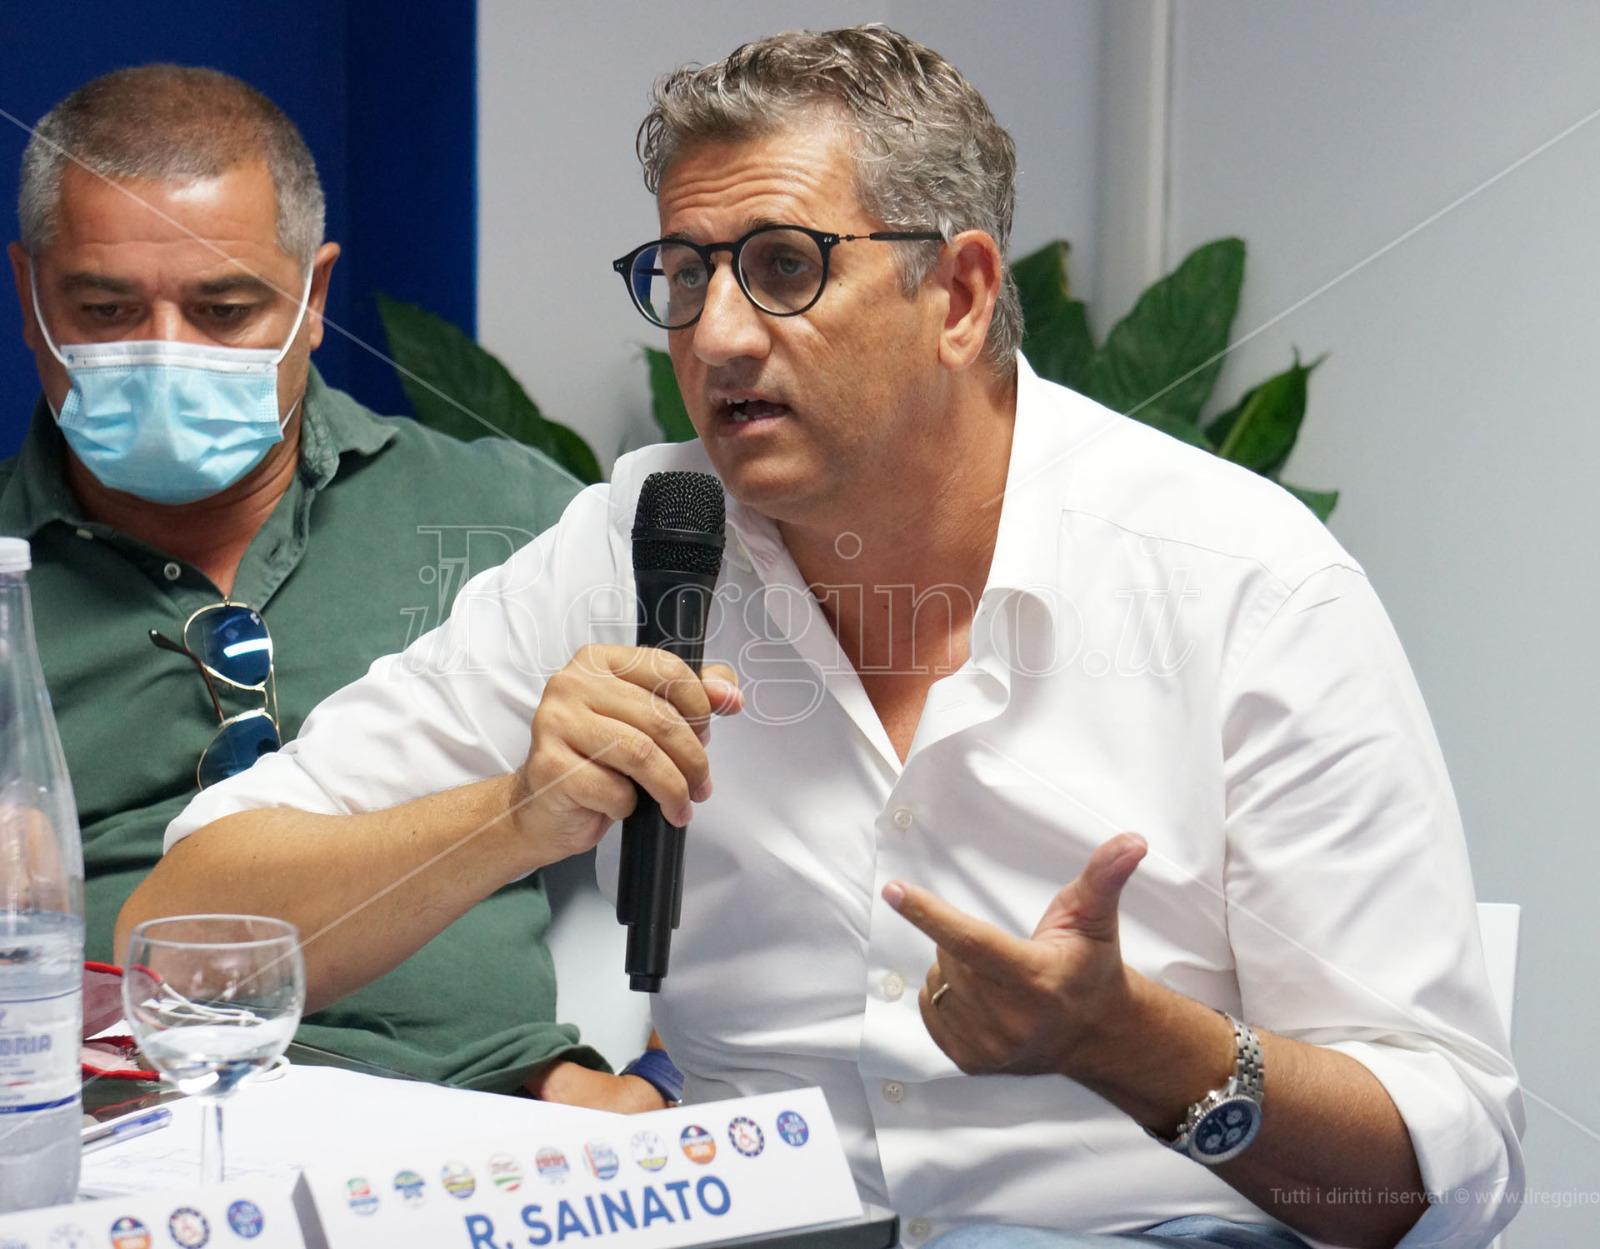 Dpcm Natale, Sainato: «Calabria penalizzata»